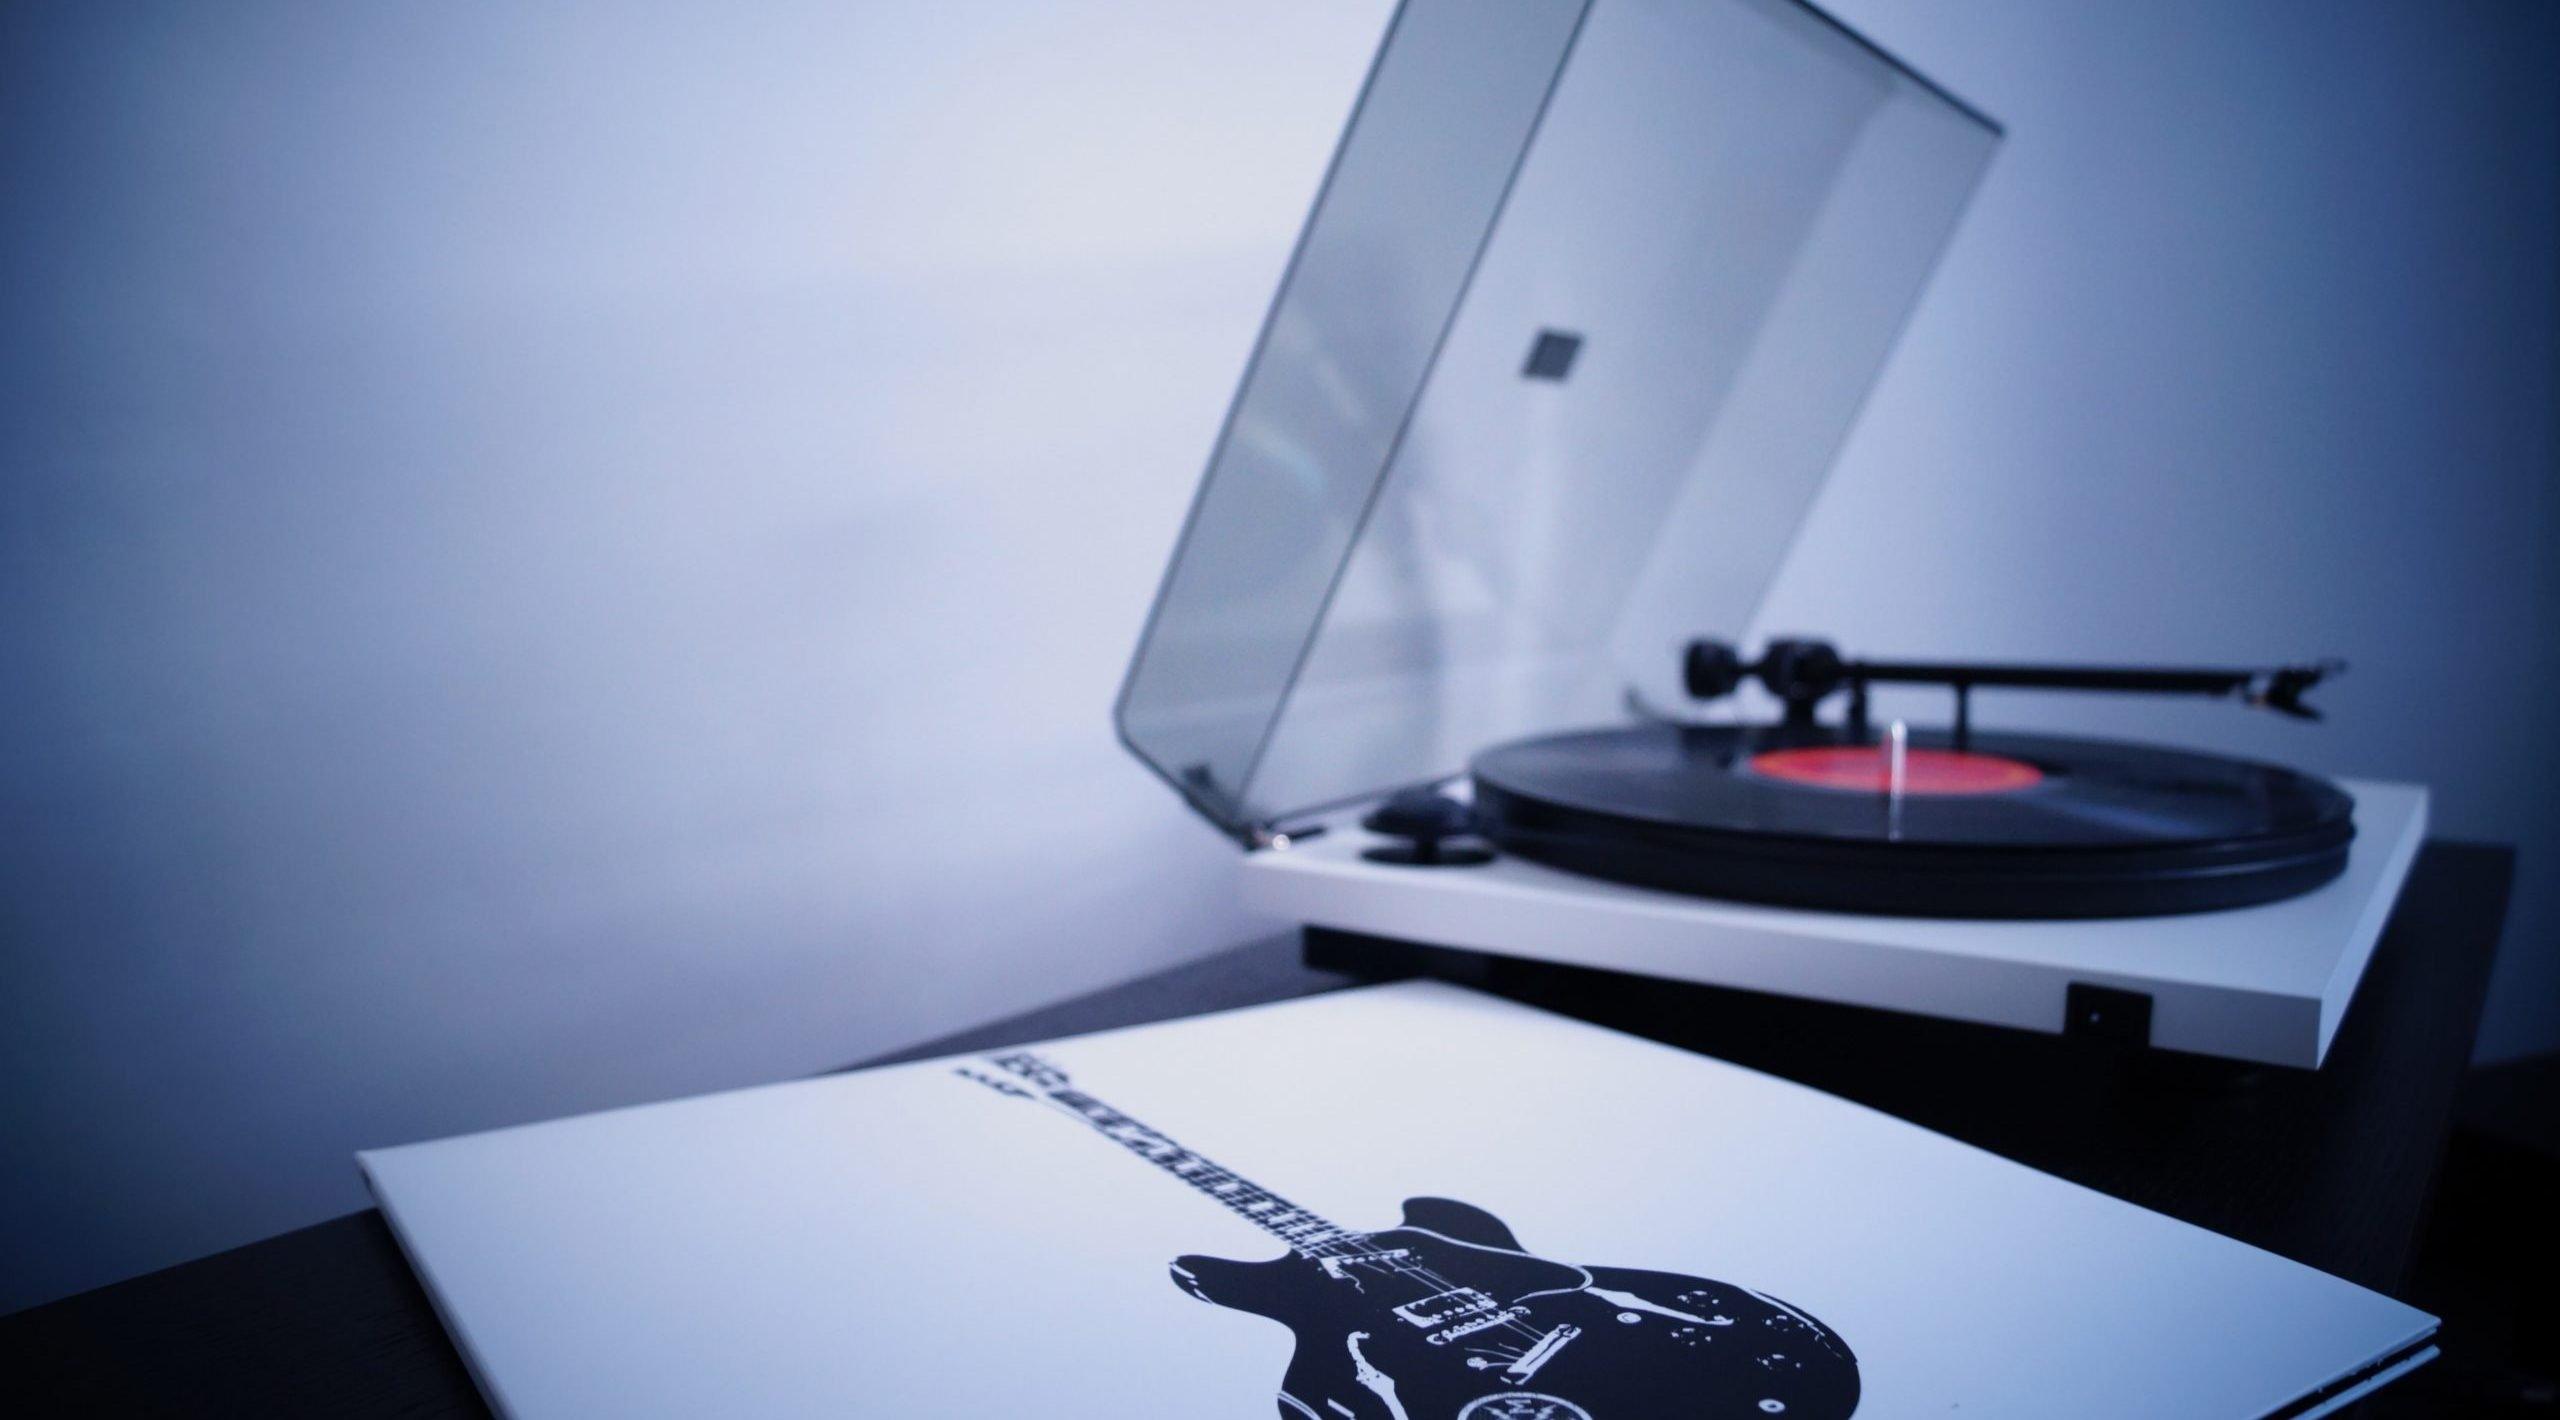 AGATA muzikos leidybos projektams paskirstė per 155 tūkst. eurų